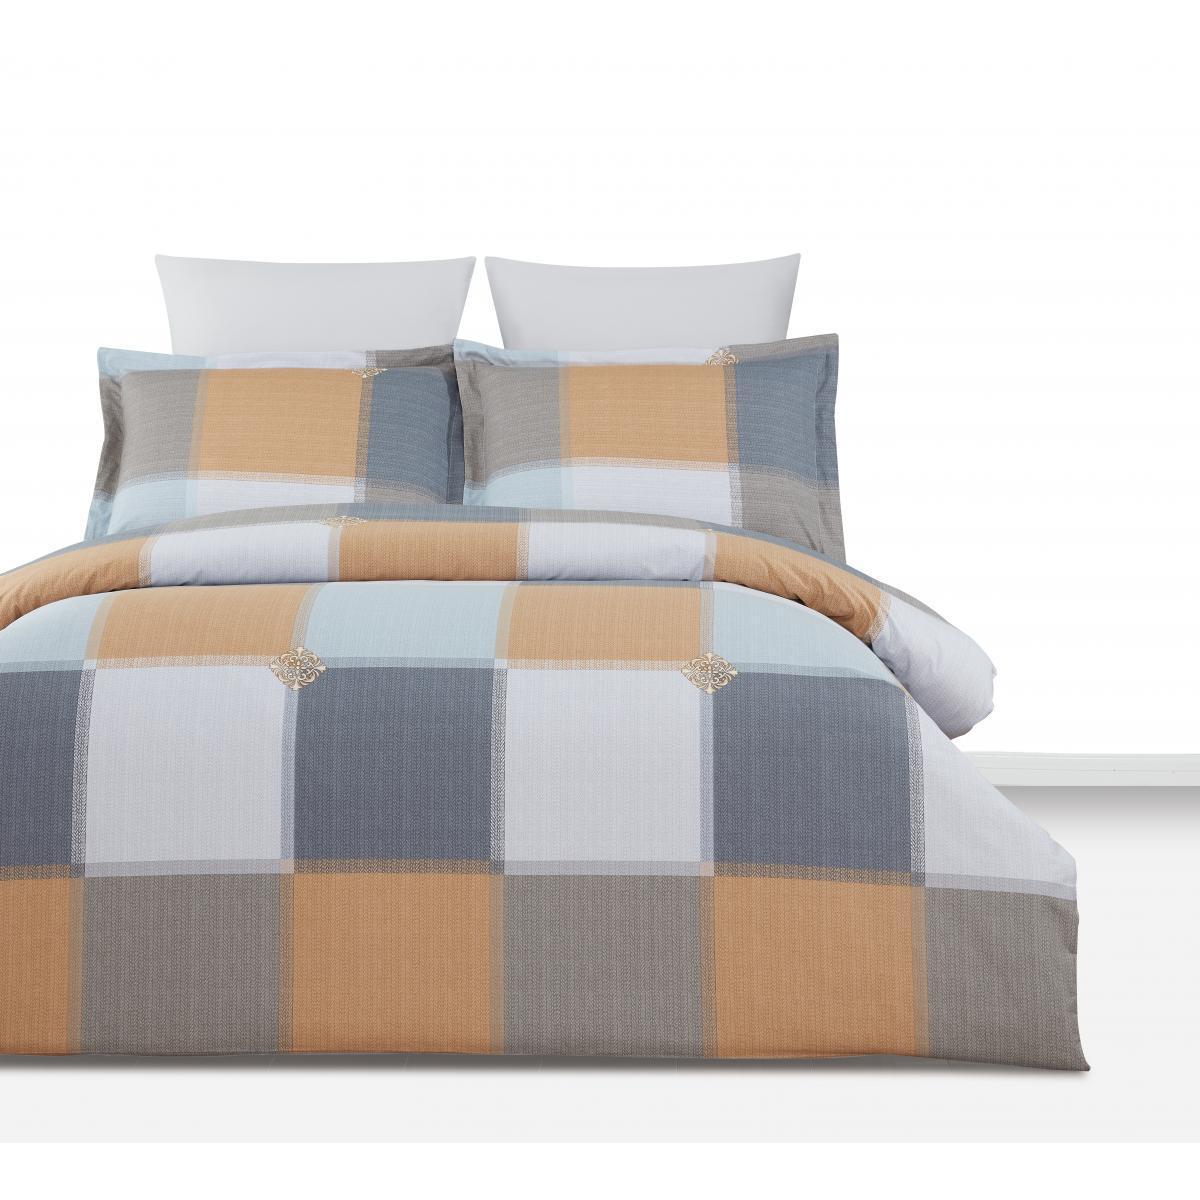 Комплект постельного белья Arya семейный Alamode Tessa 160х220 см. (A106984)